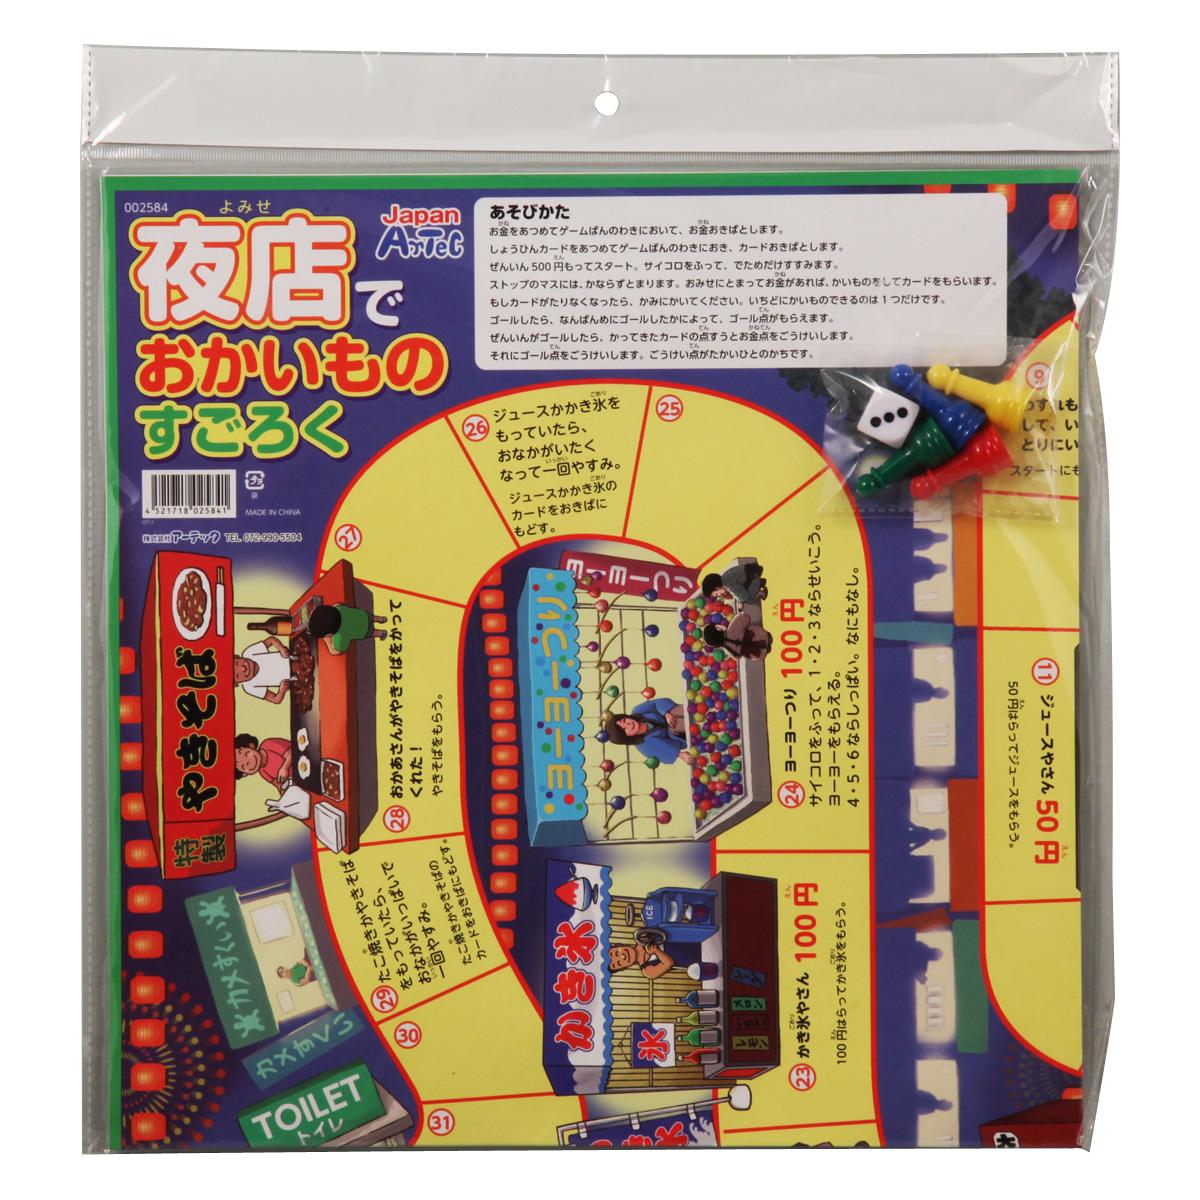 メール便送料無料 人生ゲーム 高価値 学習教材 楽しく遊んでお買い物の練習 すごろく 幼児 子供 ボードゲーム 夜店でおかいものすごろく さんすう カードゲーム ゲーム カード おけいこ 小学生 正月 知育玩具 室内 おもちゃ 35%OFF